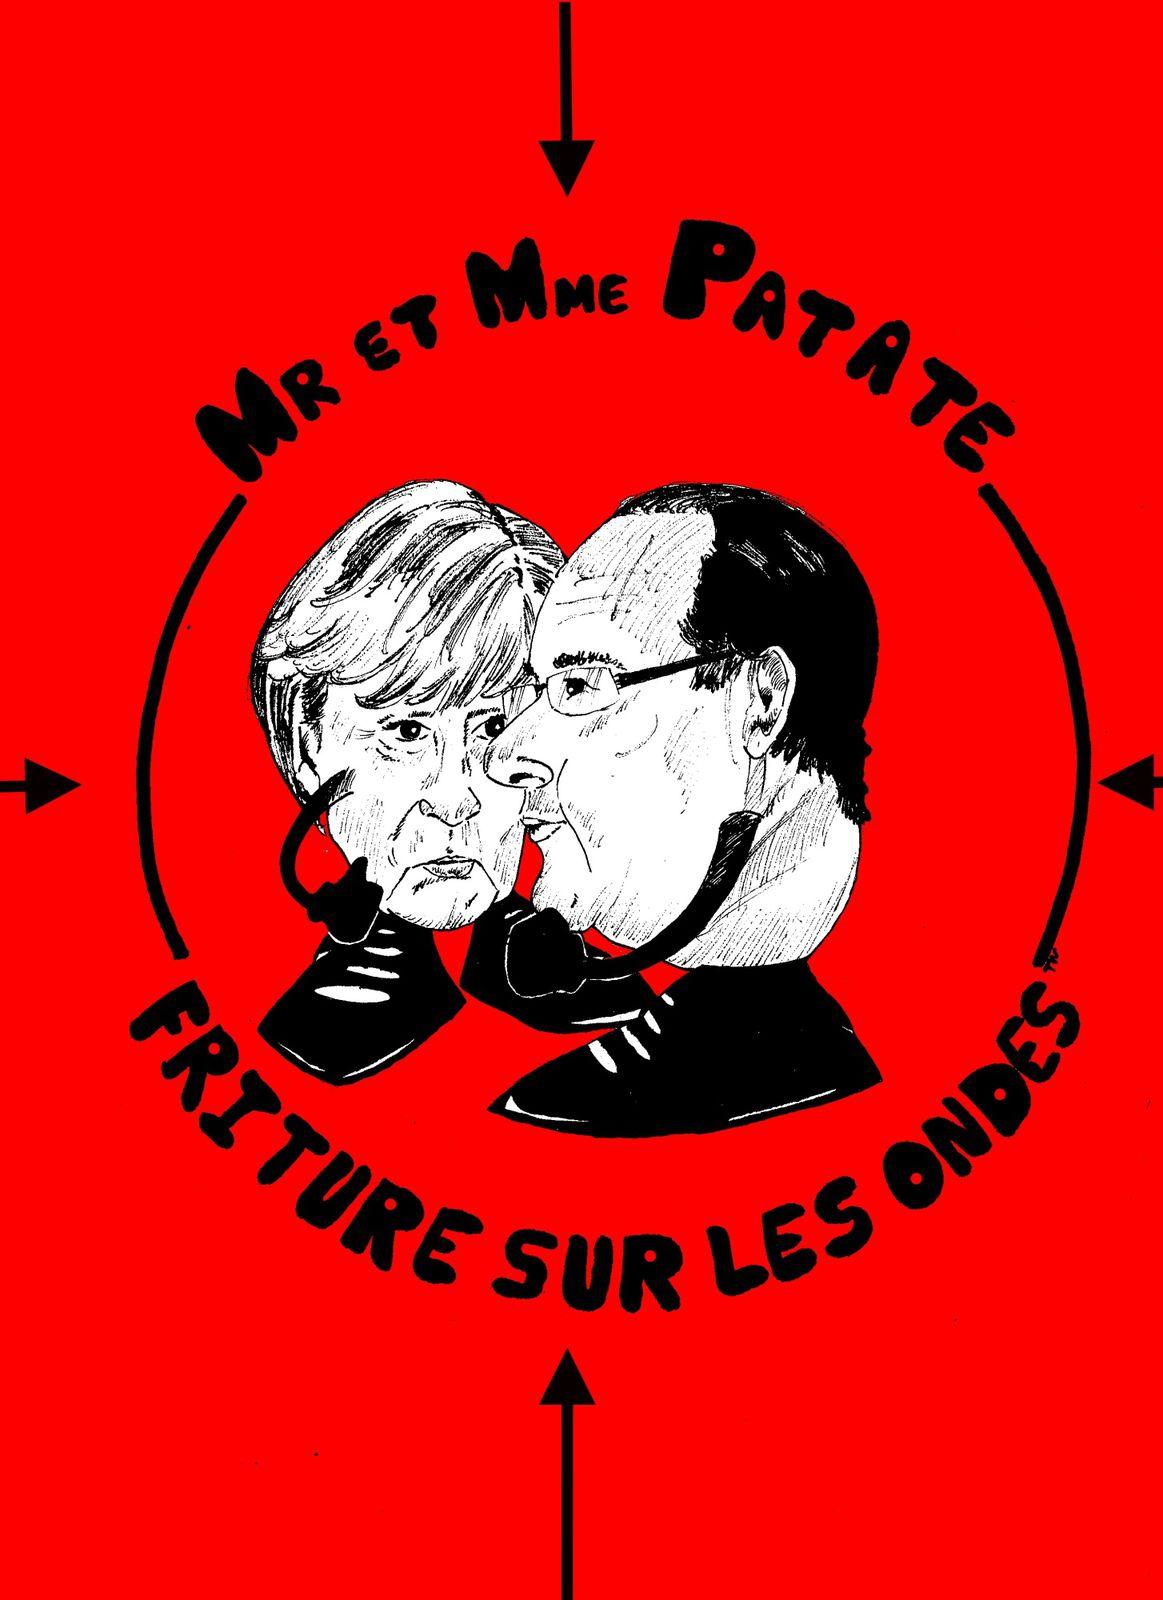 N.S.A: Merkel et Hollande demandent des explications aux Etats-unis sur les écoutes téléphoniques...